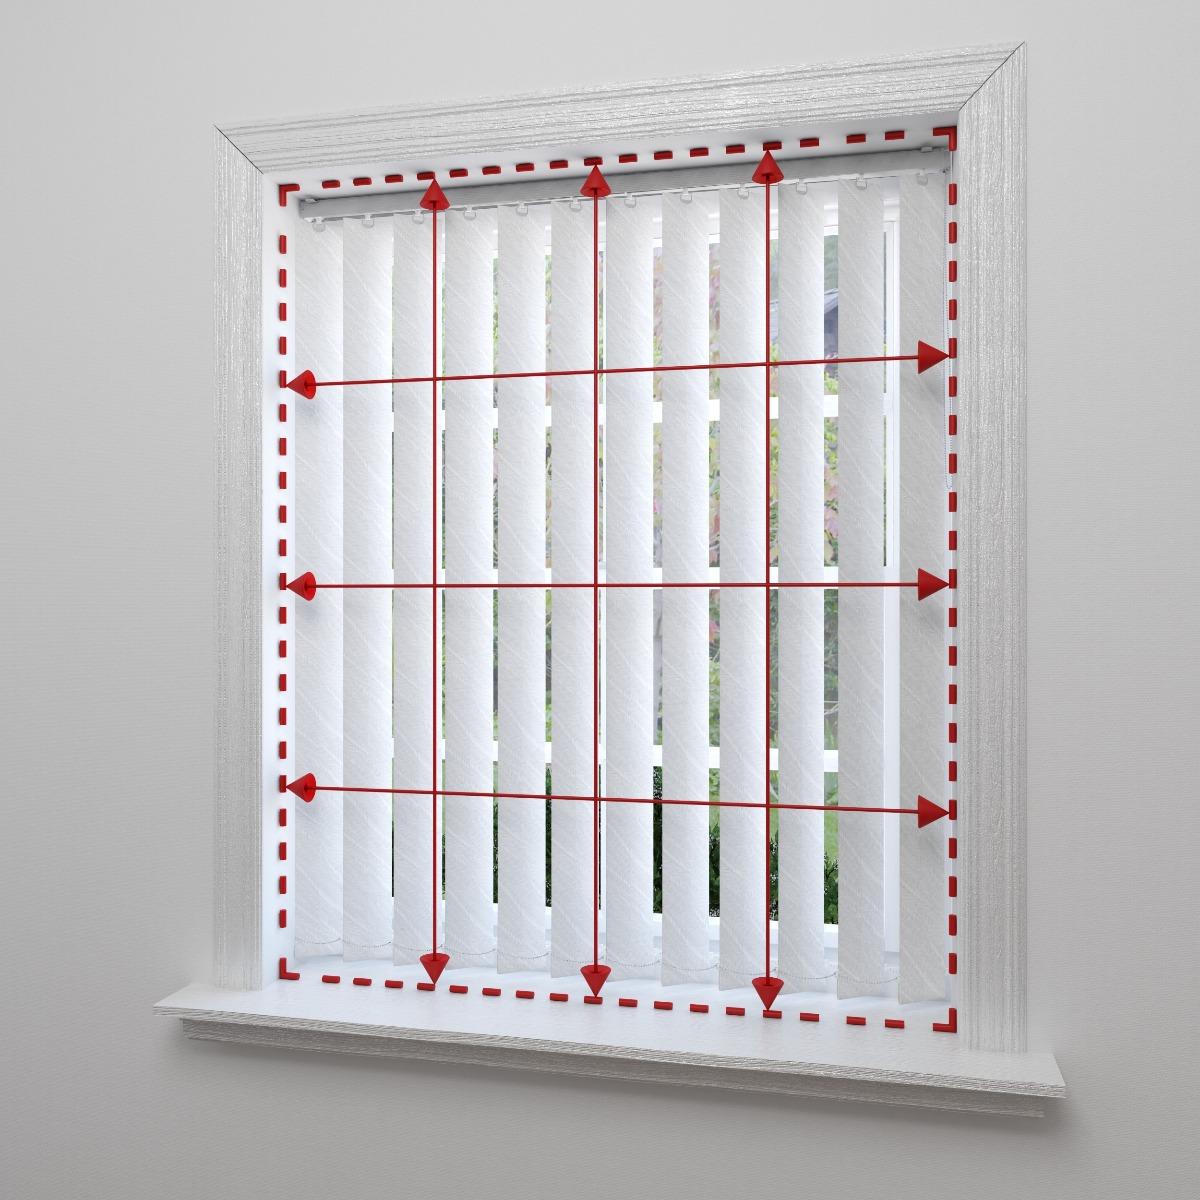 Mesure pour store californien à l'intérieur de l'embrasure de fenêtre